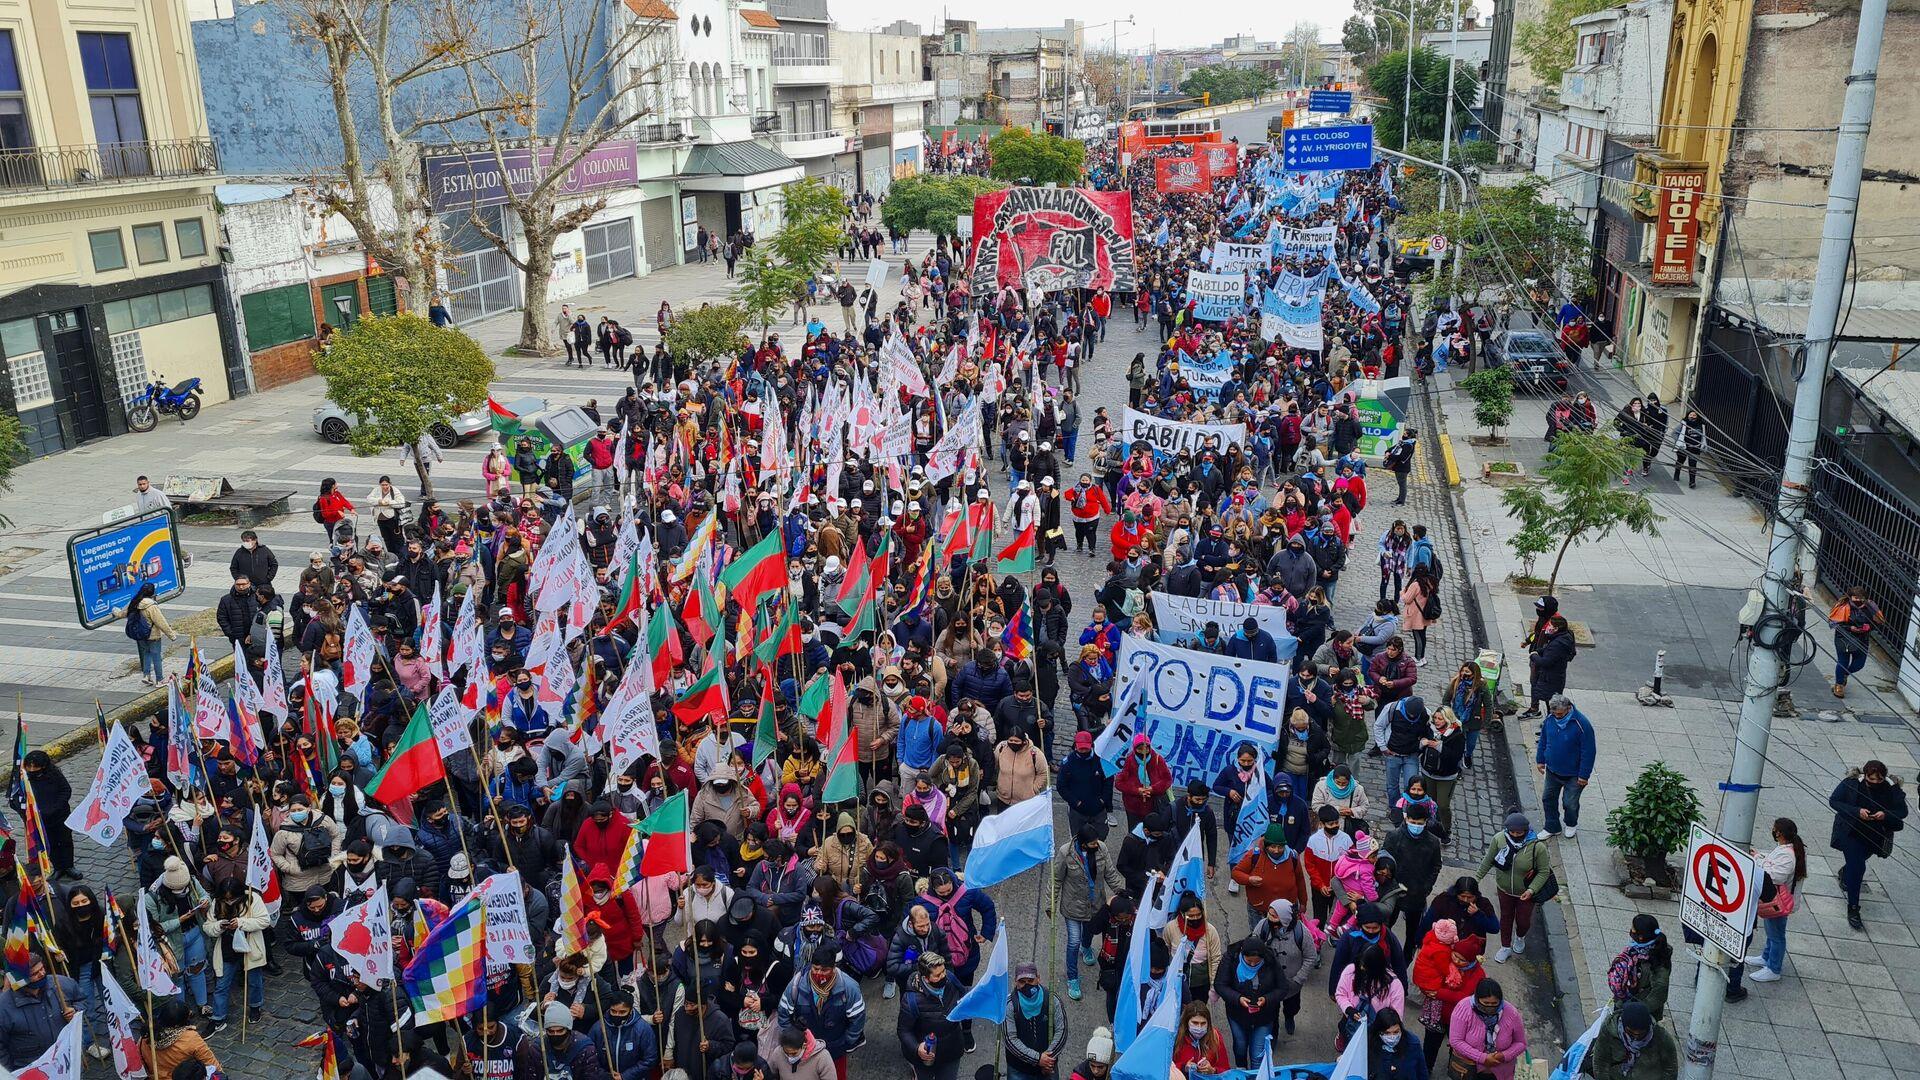 Organizaciones sociales de izquierda realizaron la multitudinaria movilización anual al Puente Pueyrredón - Sputnik Mundo, 1920, 26.06.2021